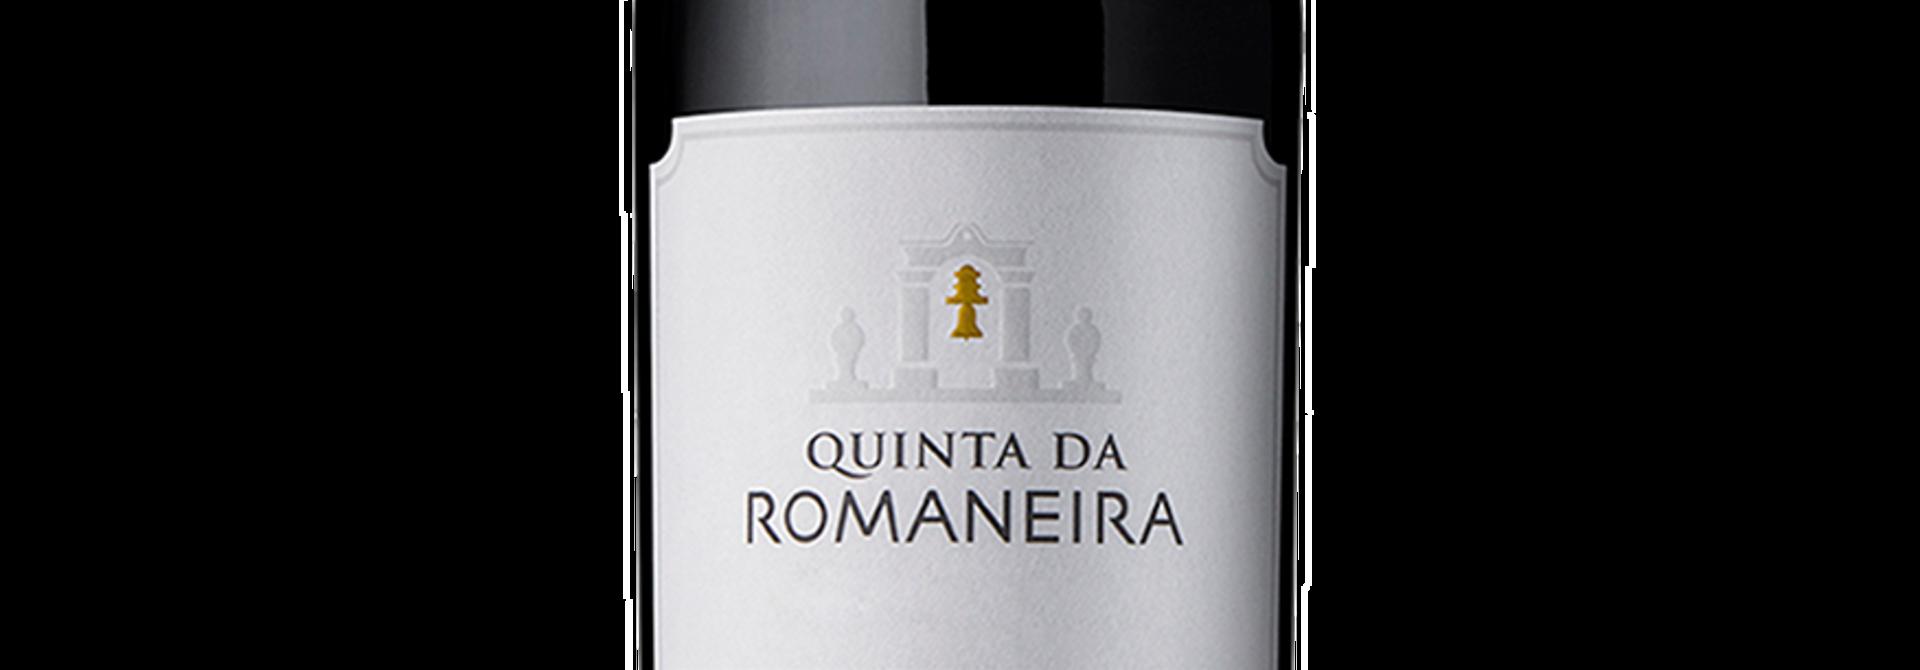 Quinta da Romaneira Douro Tinto 2015